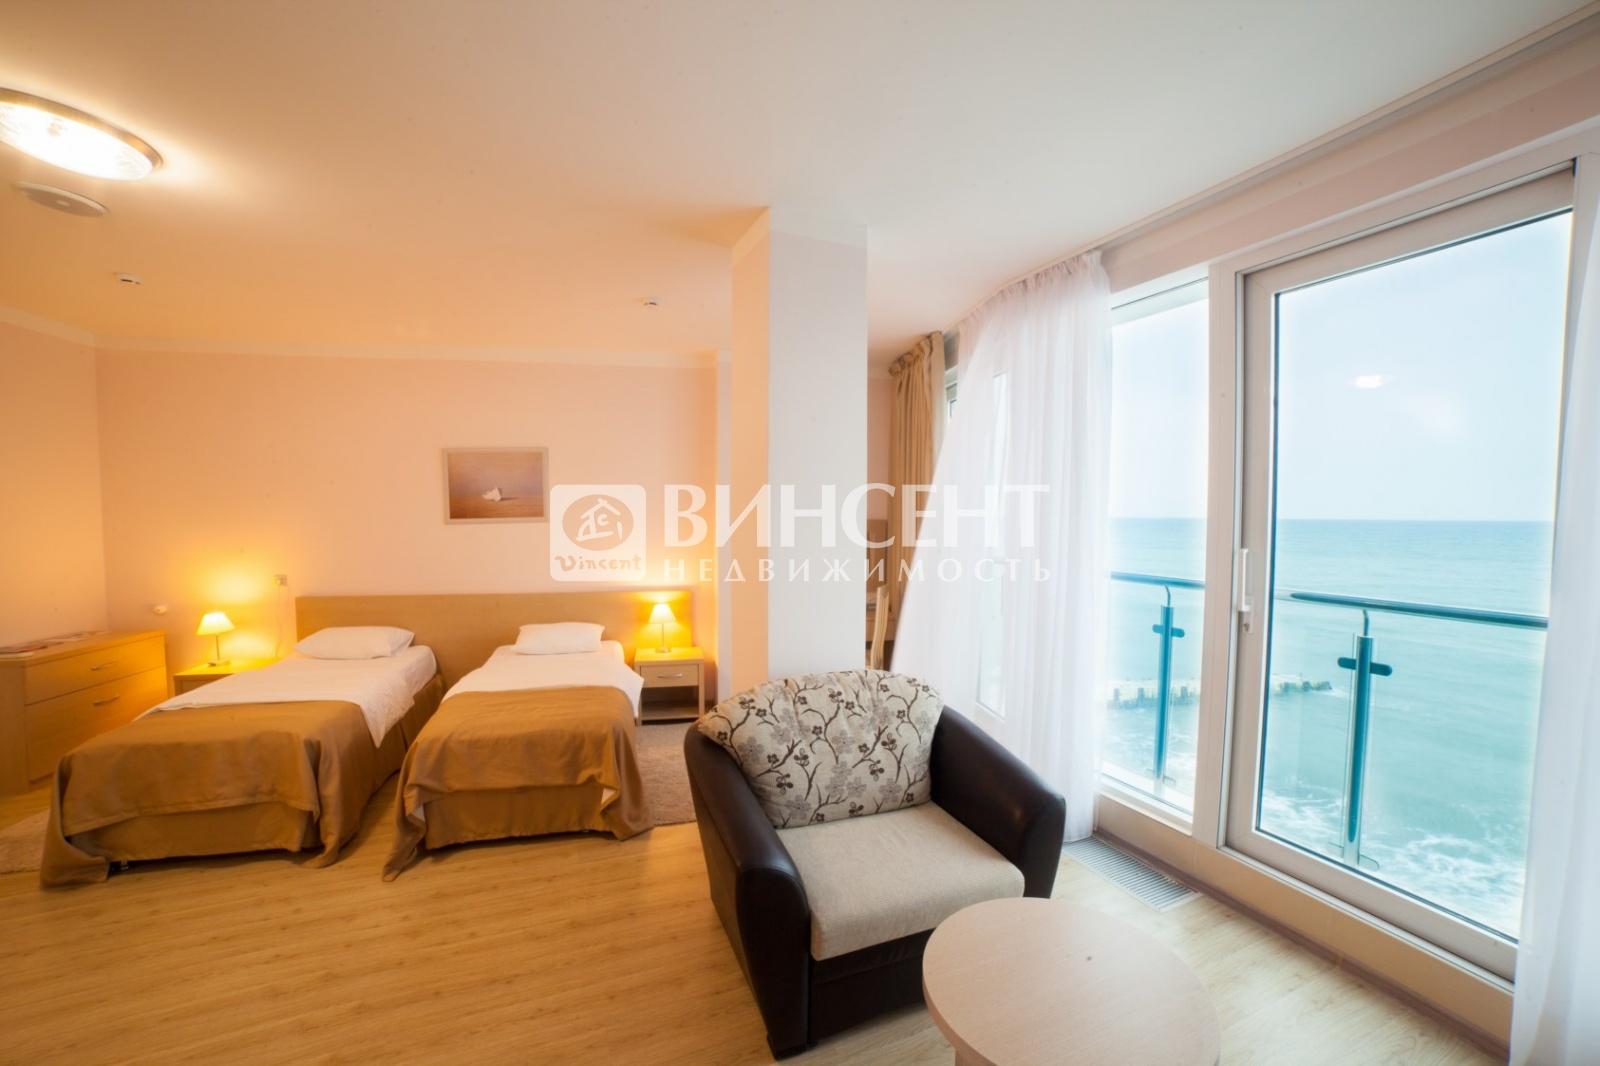 Comprare una casa a San Remo sulla spiaggia